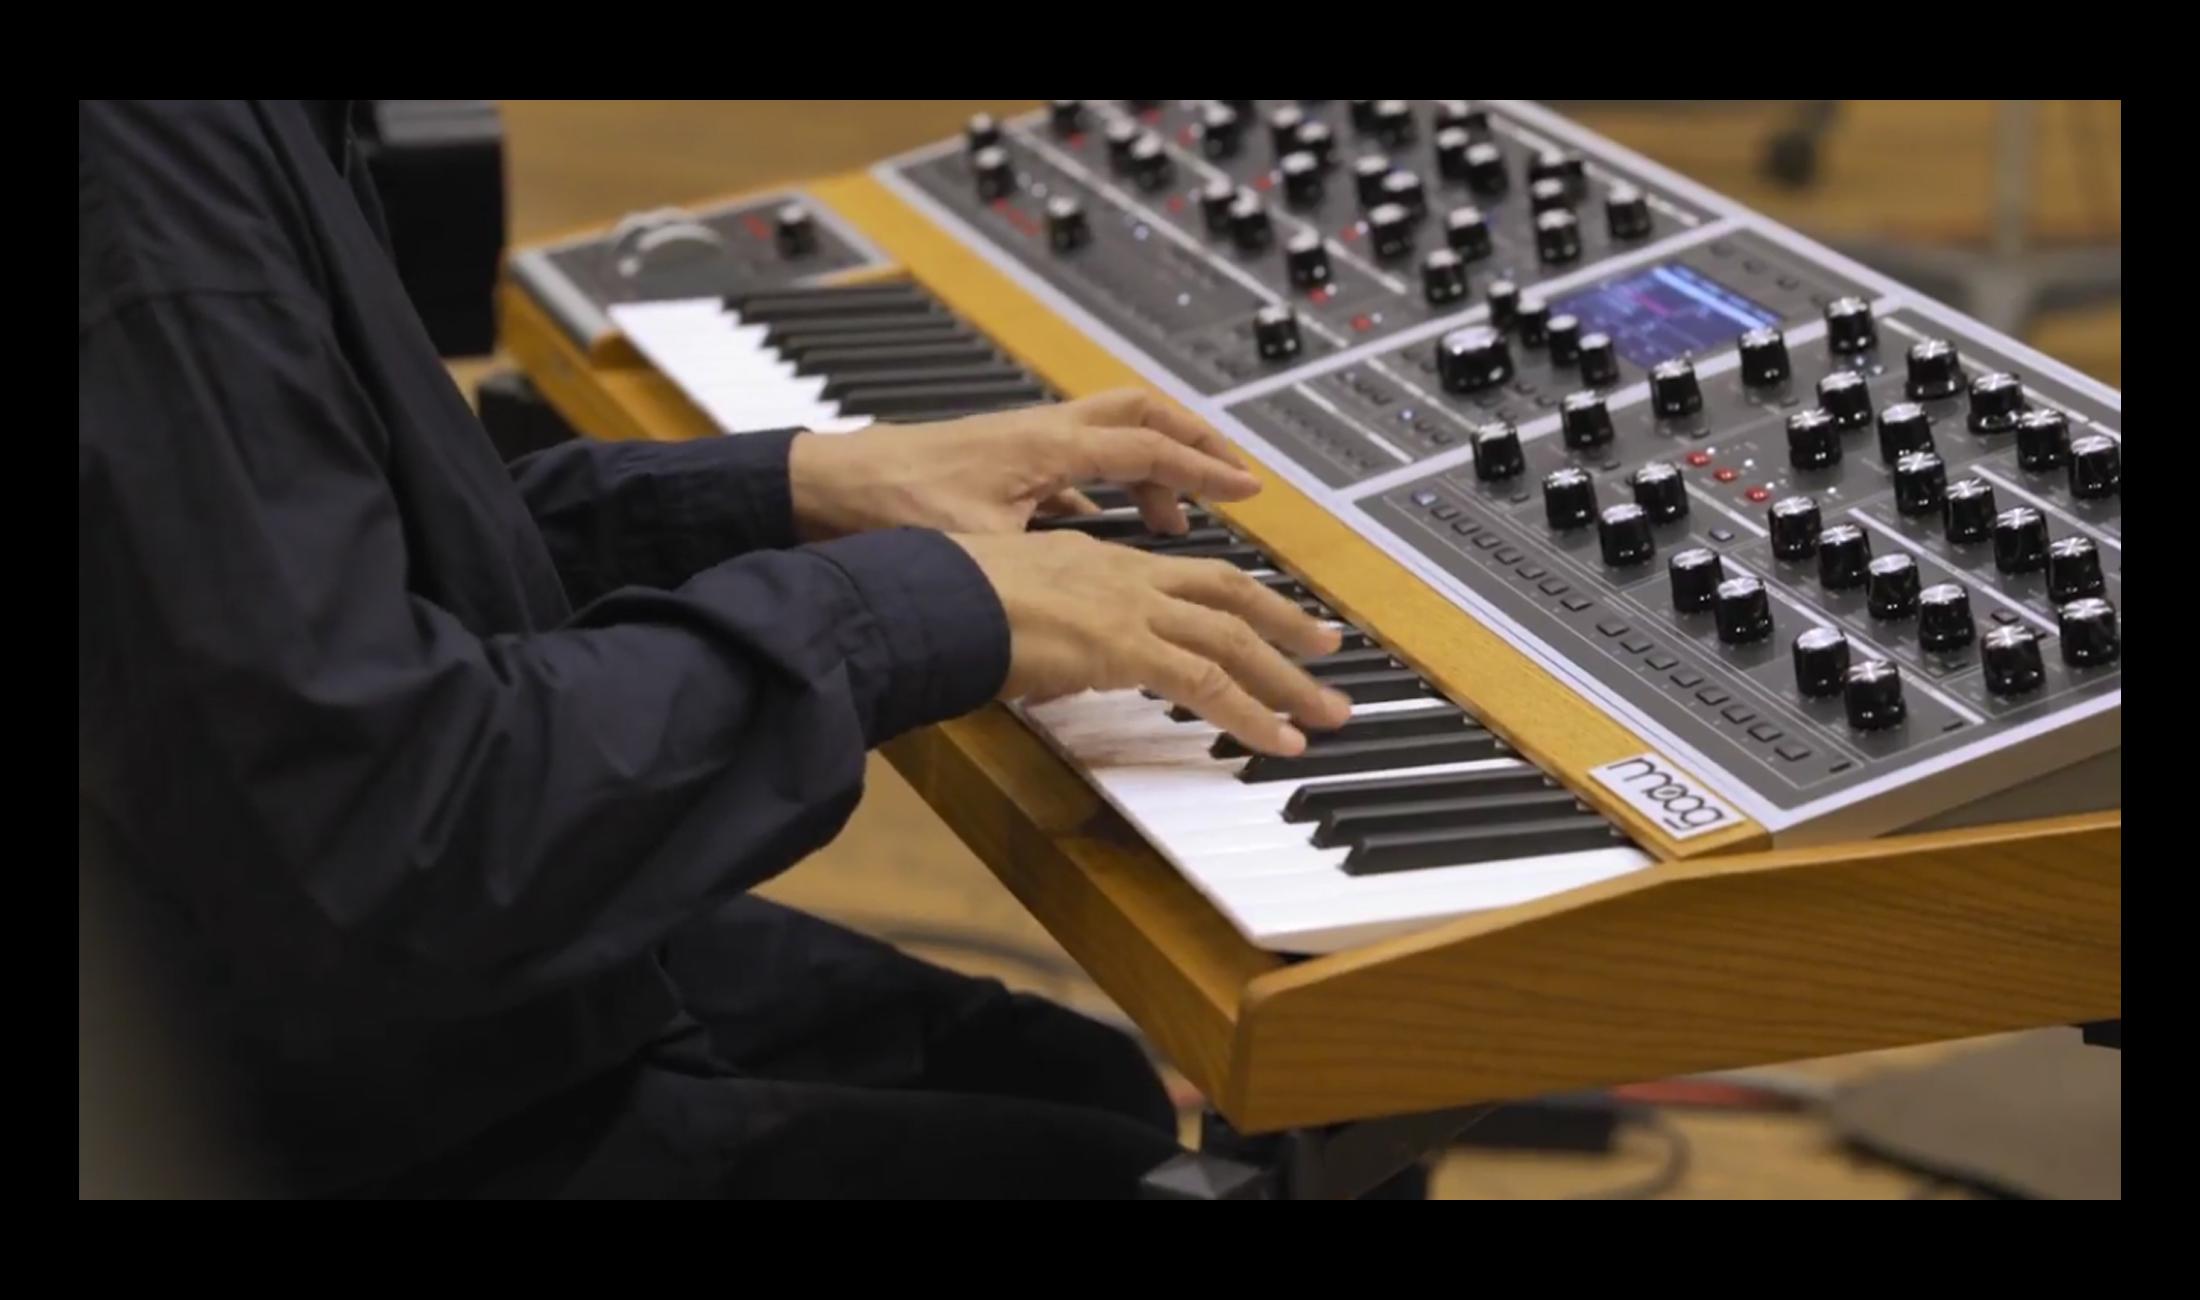 Moog One: Tolles Video mit Soundbeispielen von prominenten Musikern